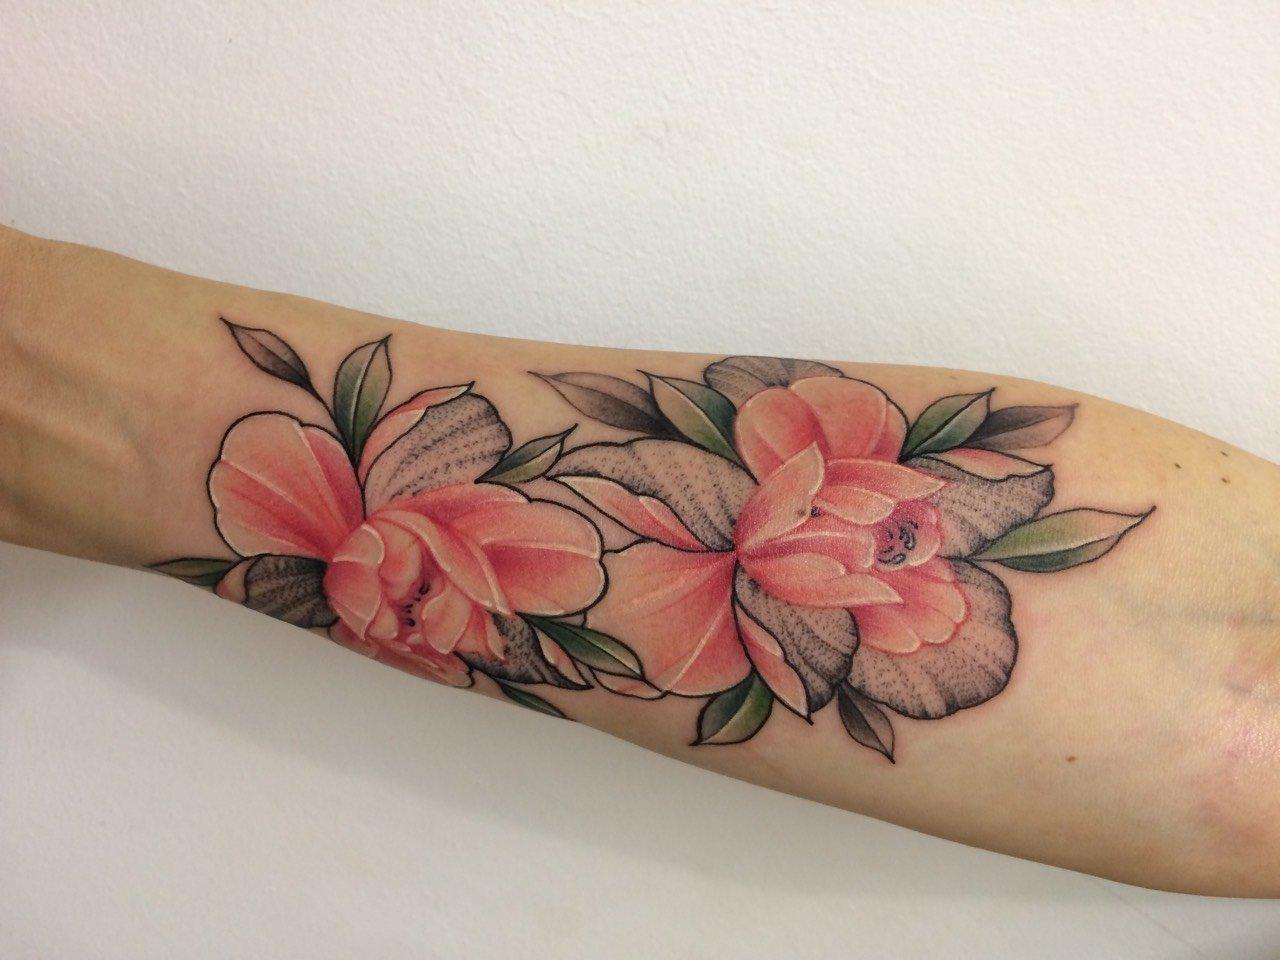 """Открылась новая тату-студия в Кропивницком от самой большой сети тату-салонов в Европе """"VeAn"""", фото-5"""